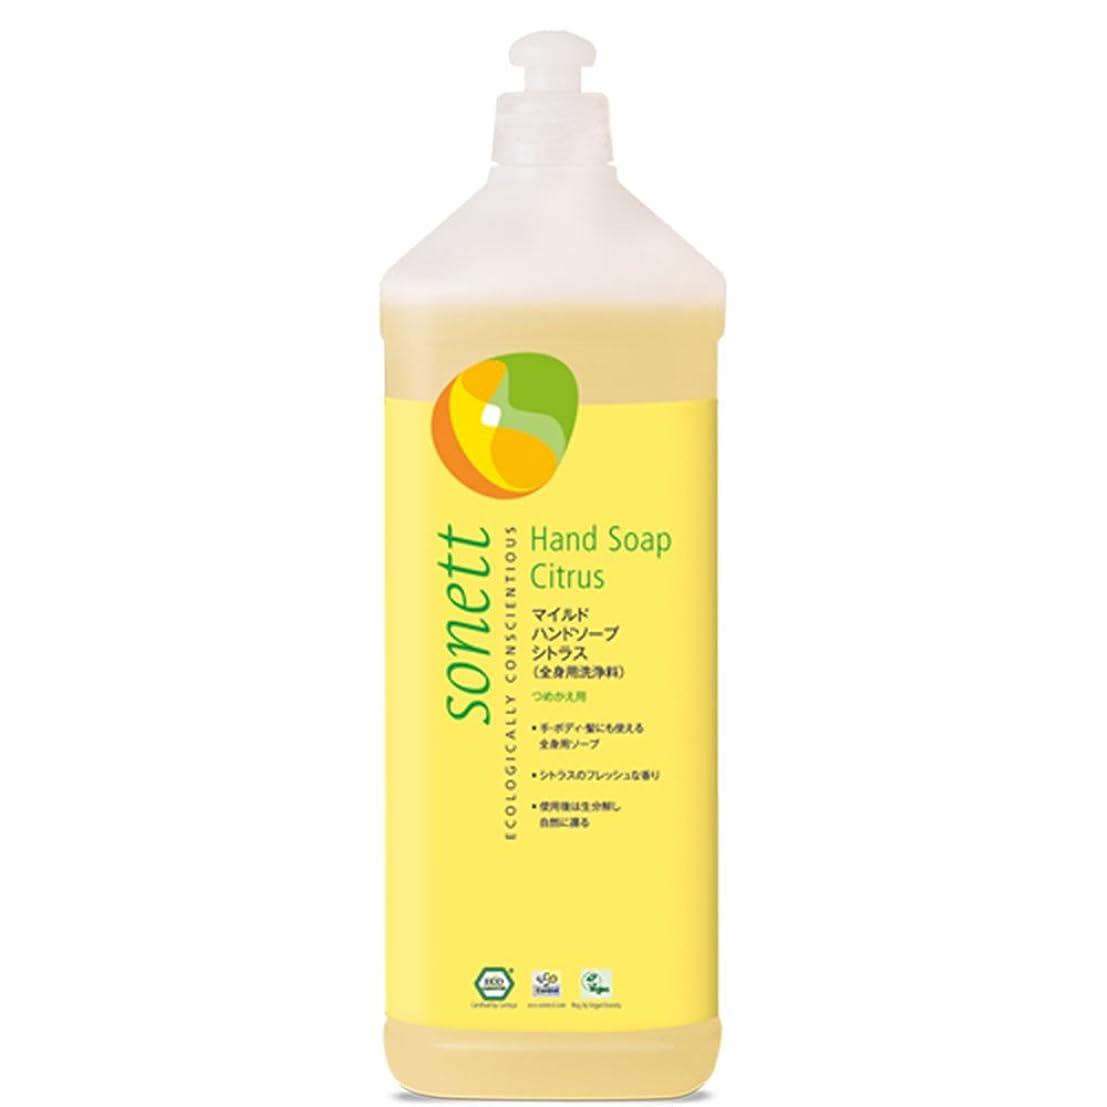 オリエンタルエキサイティングうがいSONETT ( ソネット 洗剤 ) マイルドハンドソープ シトラス 1L  ( ボディー&ハンドソープ 全身 )